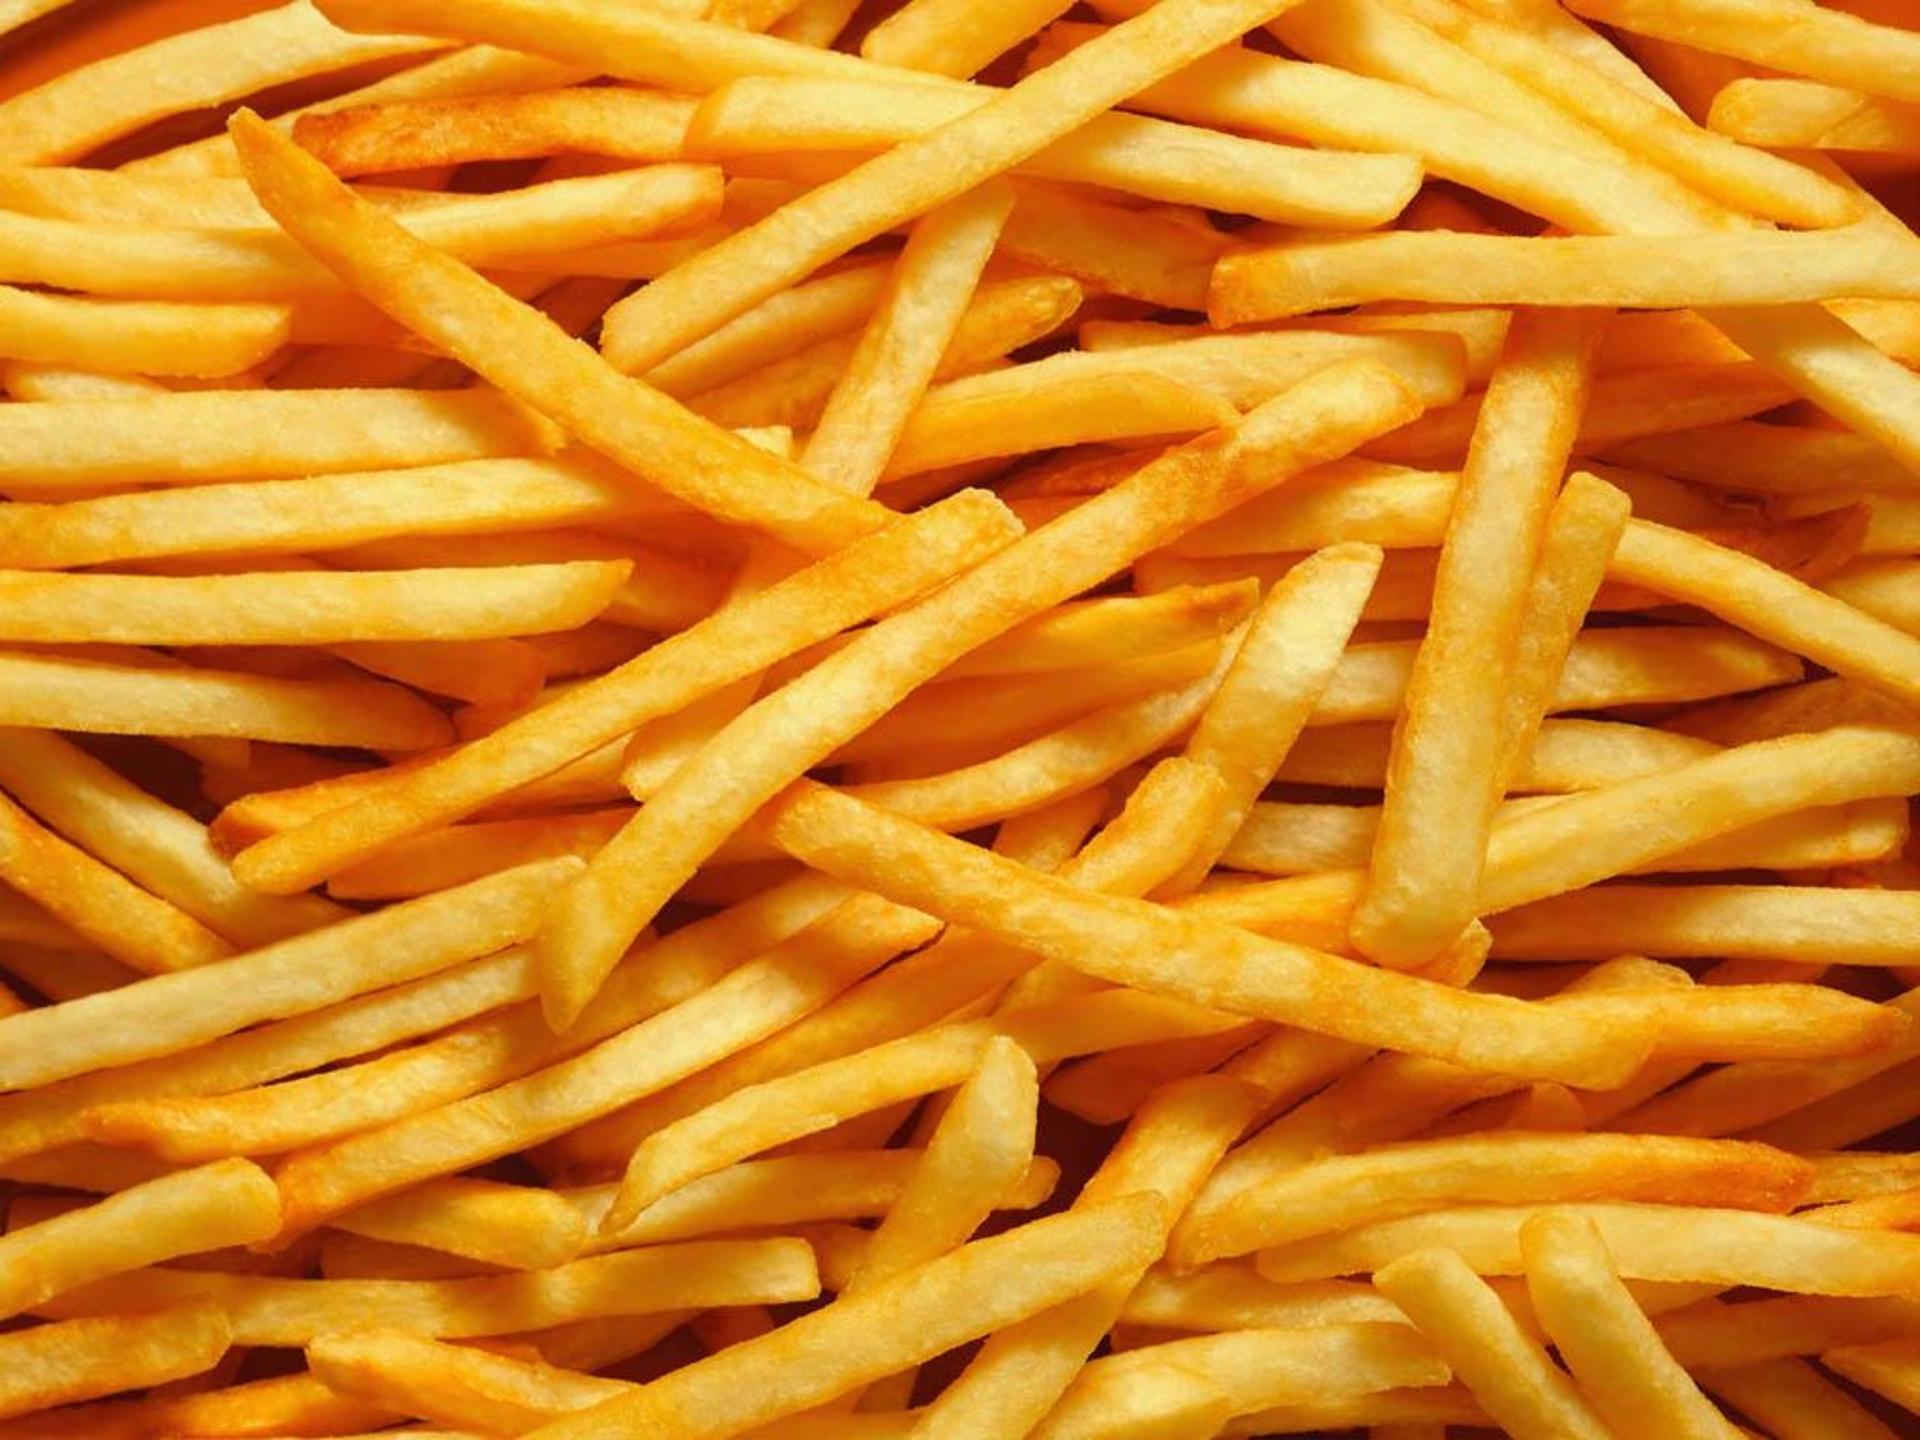 Os Alimentos Fritos Podem Aumentar O Risco De Câncer De Próstata